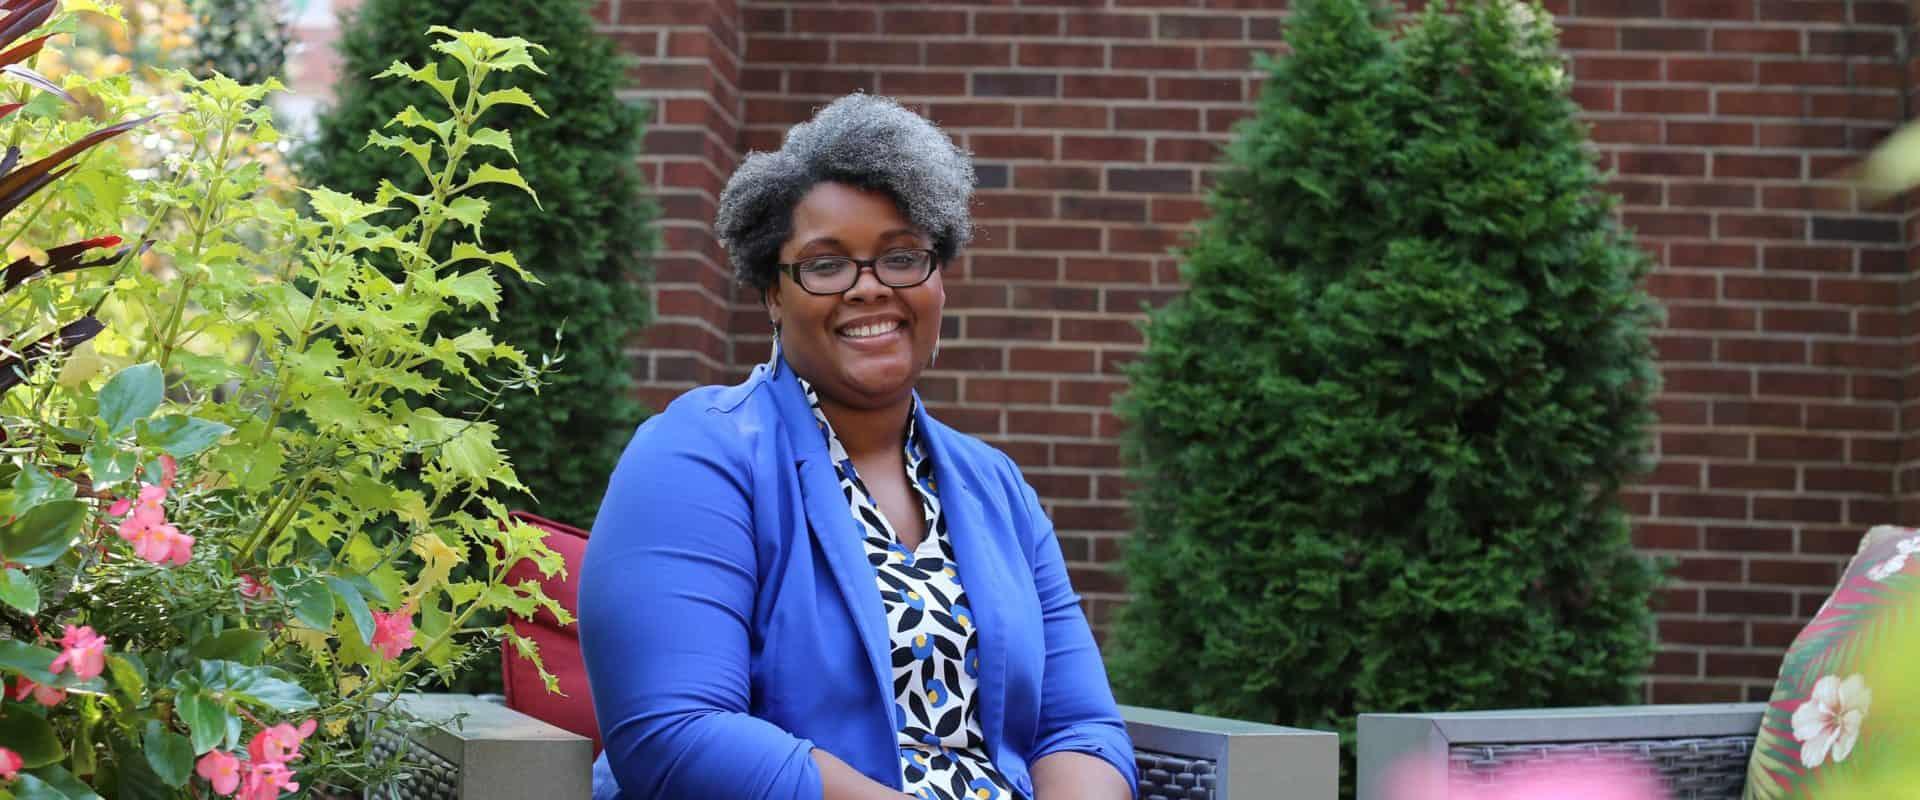 WPU Faculty member, Janelle Jennings-Alexander